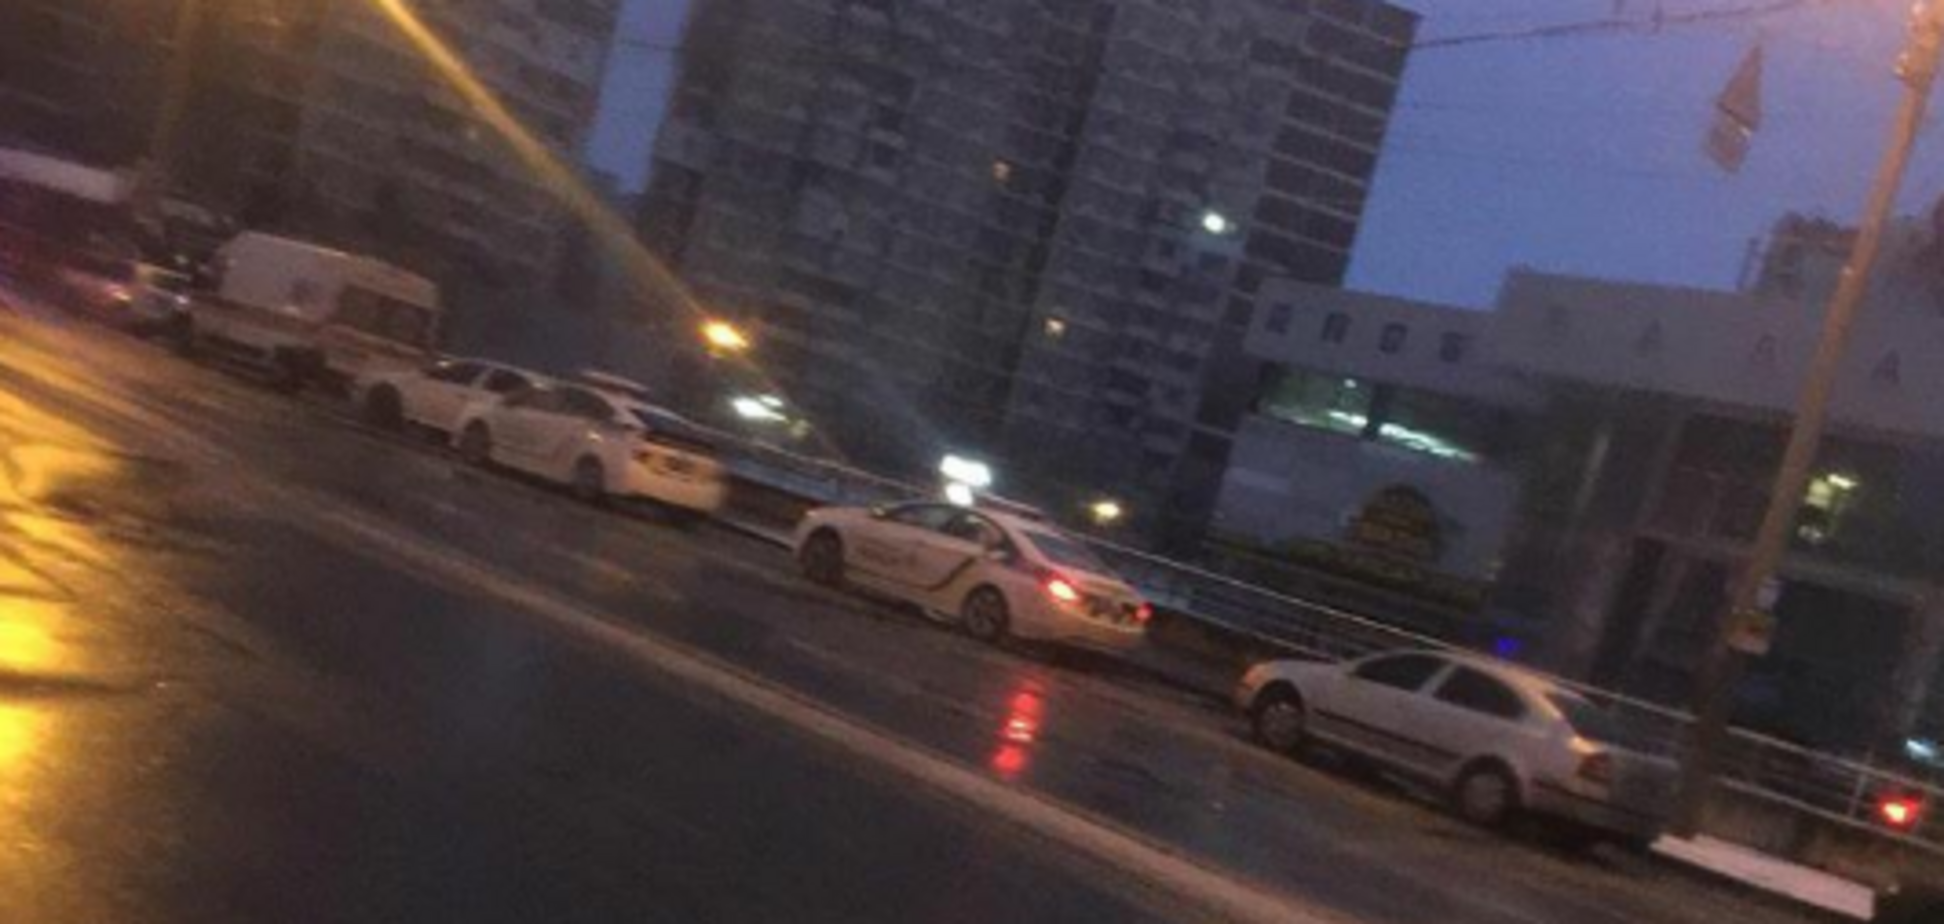 Оружие, наркотики, служба в АТО: кто бросил гранату в киевских патрульных